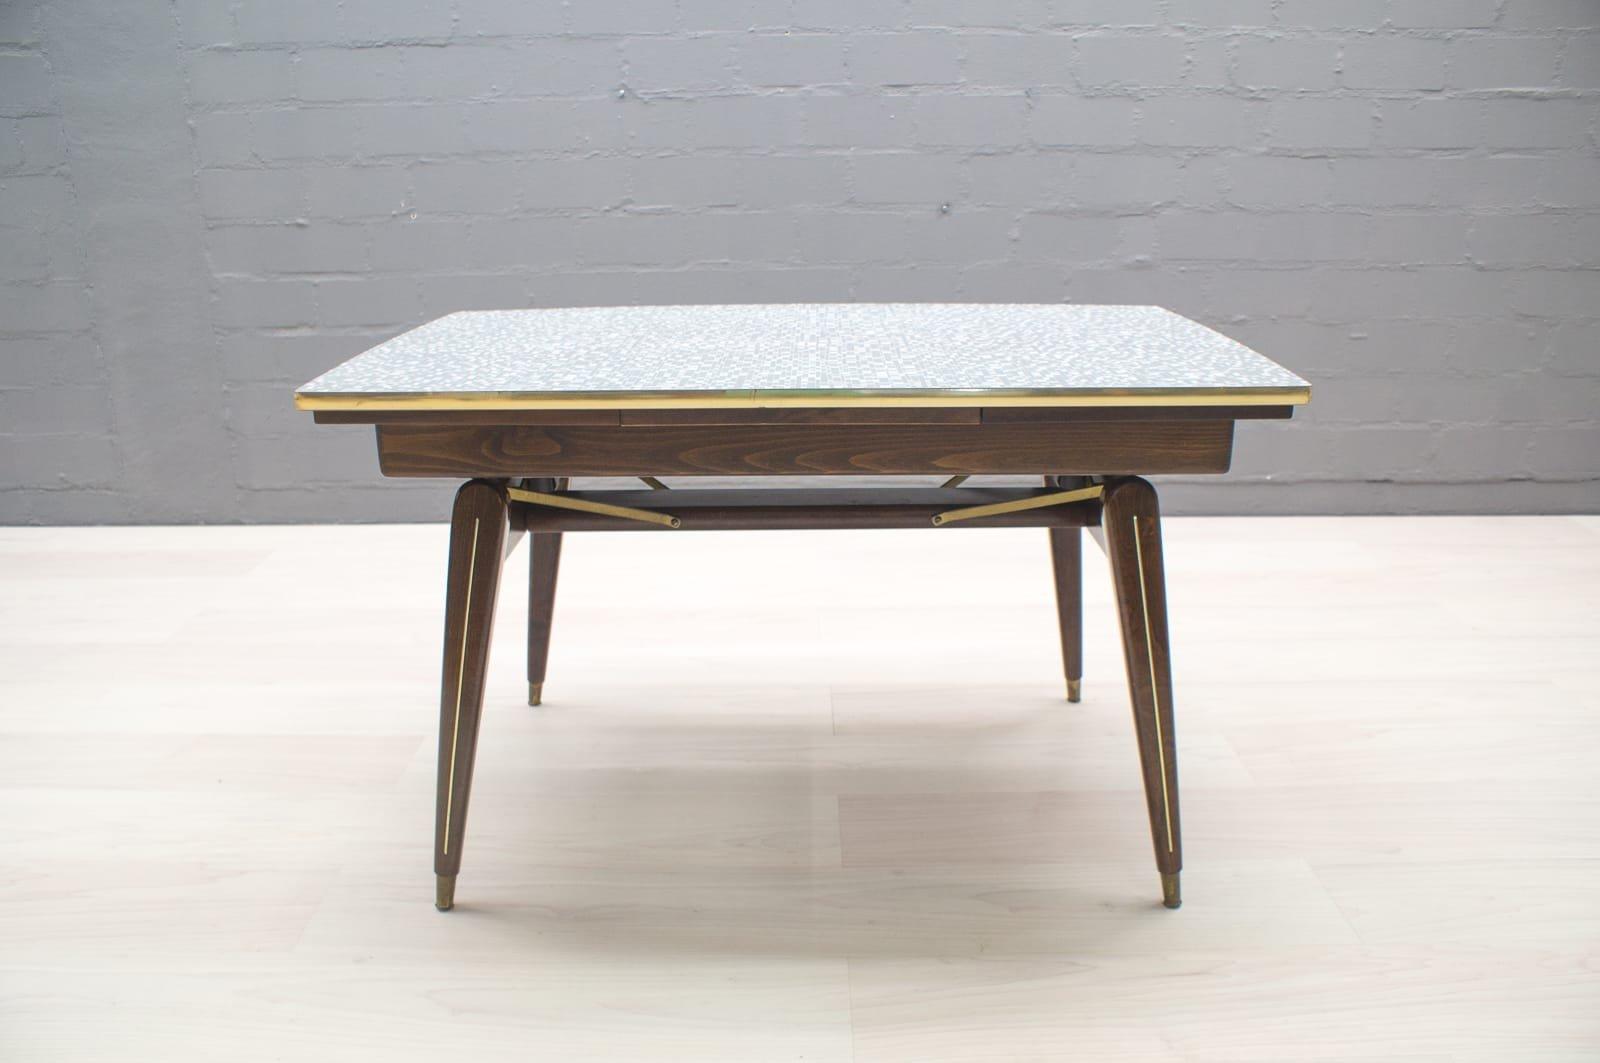 esstisch sofa finest esstisch sofa modern lenyx sofa talent heather cb with esstisch sofa. Black Bedroom Furniture Sets. Home Design Ideas